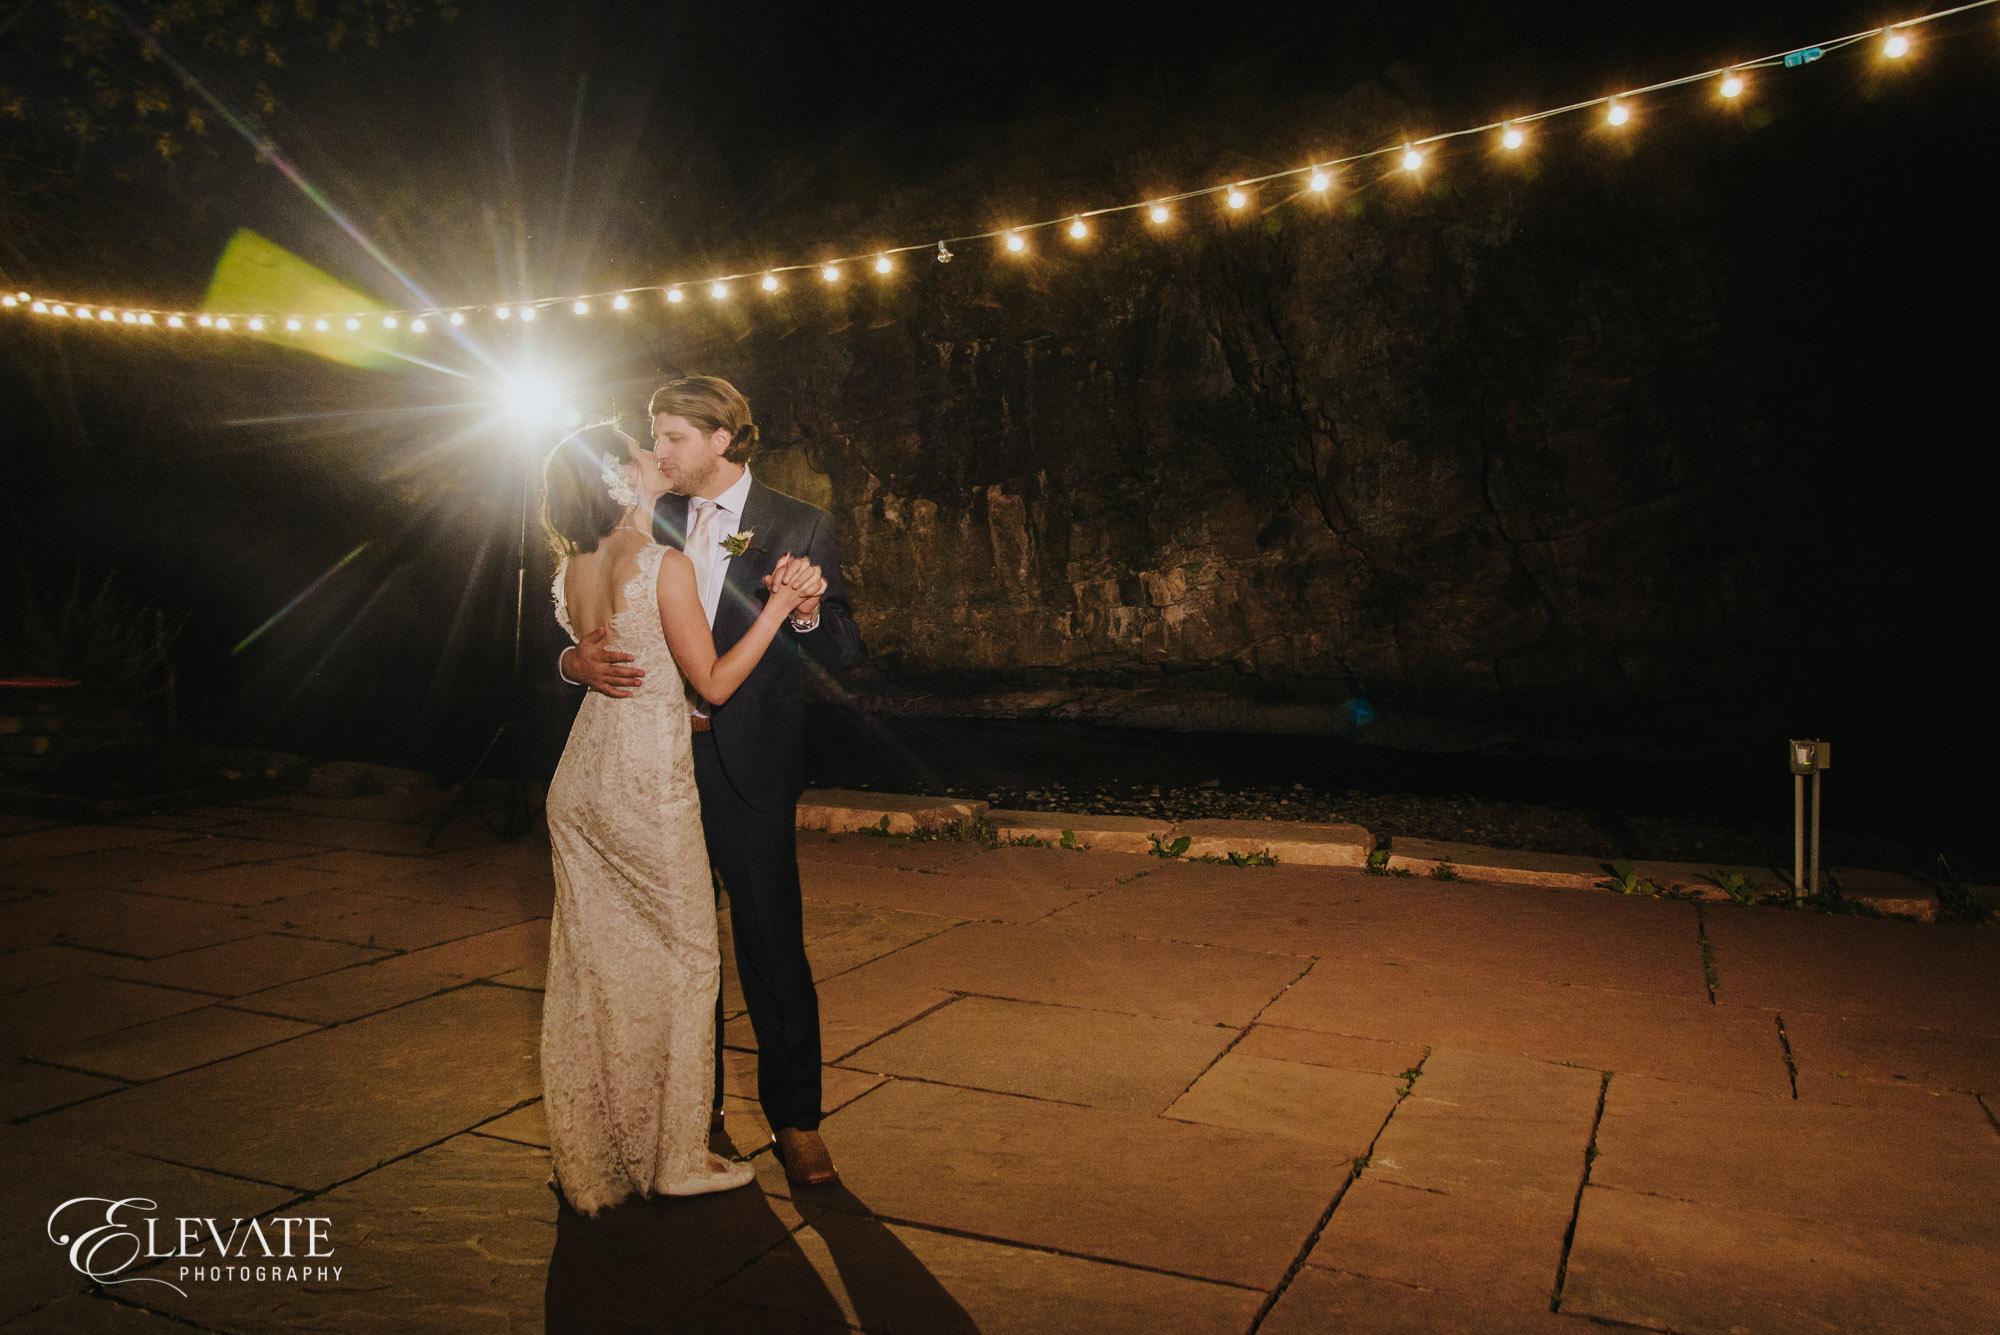 Outdoor wedding first dance market lights